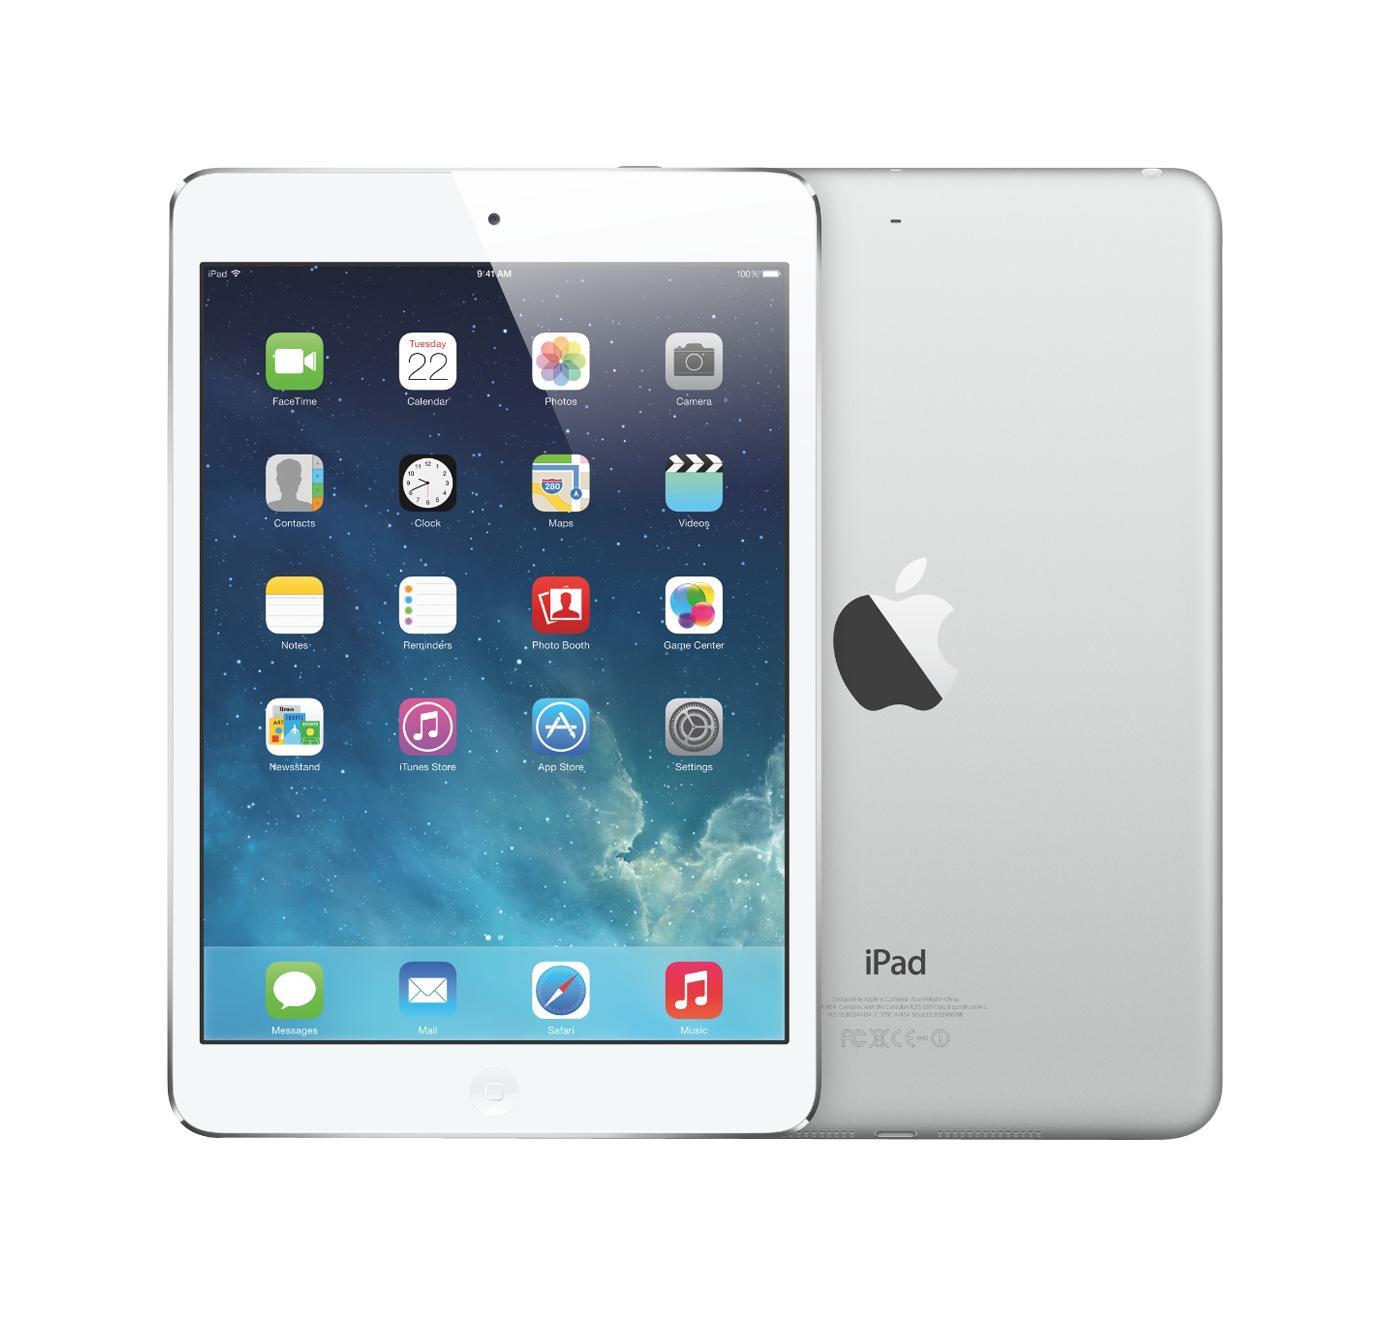 Apple iPad mini with Retina display 32 GbВторой iPad mini рождён потрясающе «вкусным» с какой стороны не взгляни! Горячий восторг миллионов сторонников уменьшенной версии i-планшета несложно понять. Ещё бы! Отныне mini ни капли не хуже своего «старшего брата», всё так же являясь гораздо более ко...<br><br>Цвет: Черный